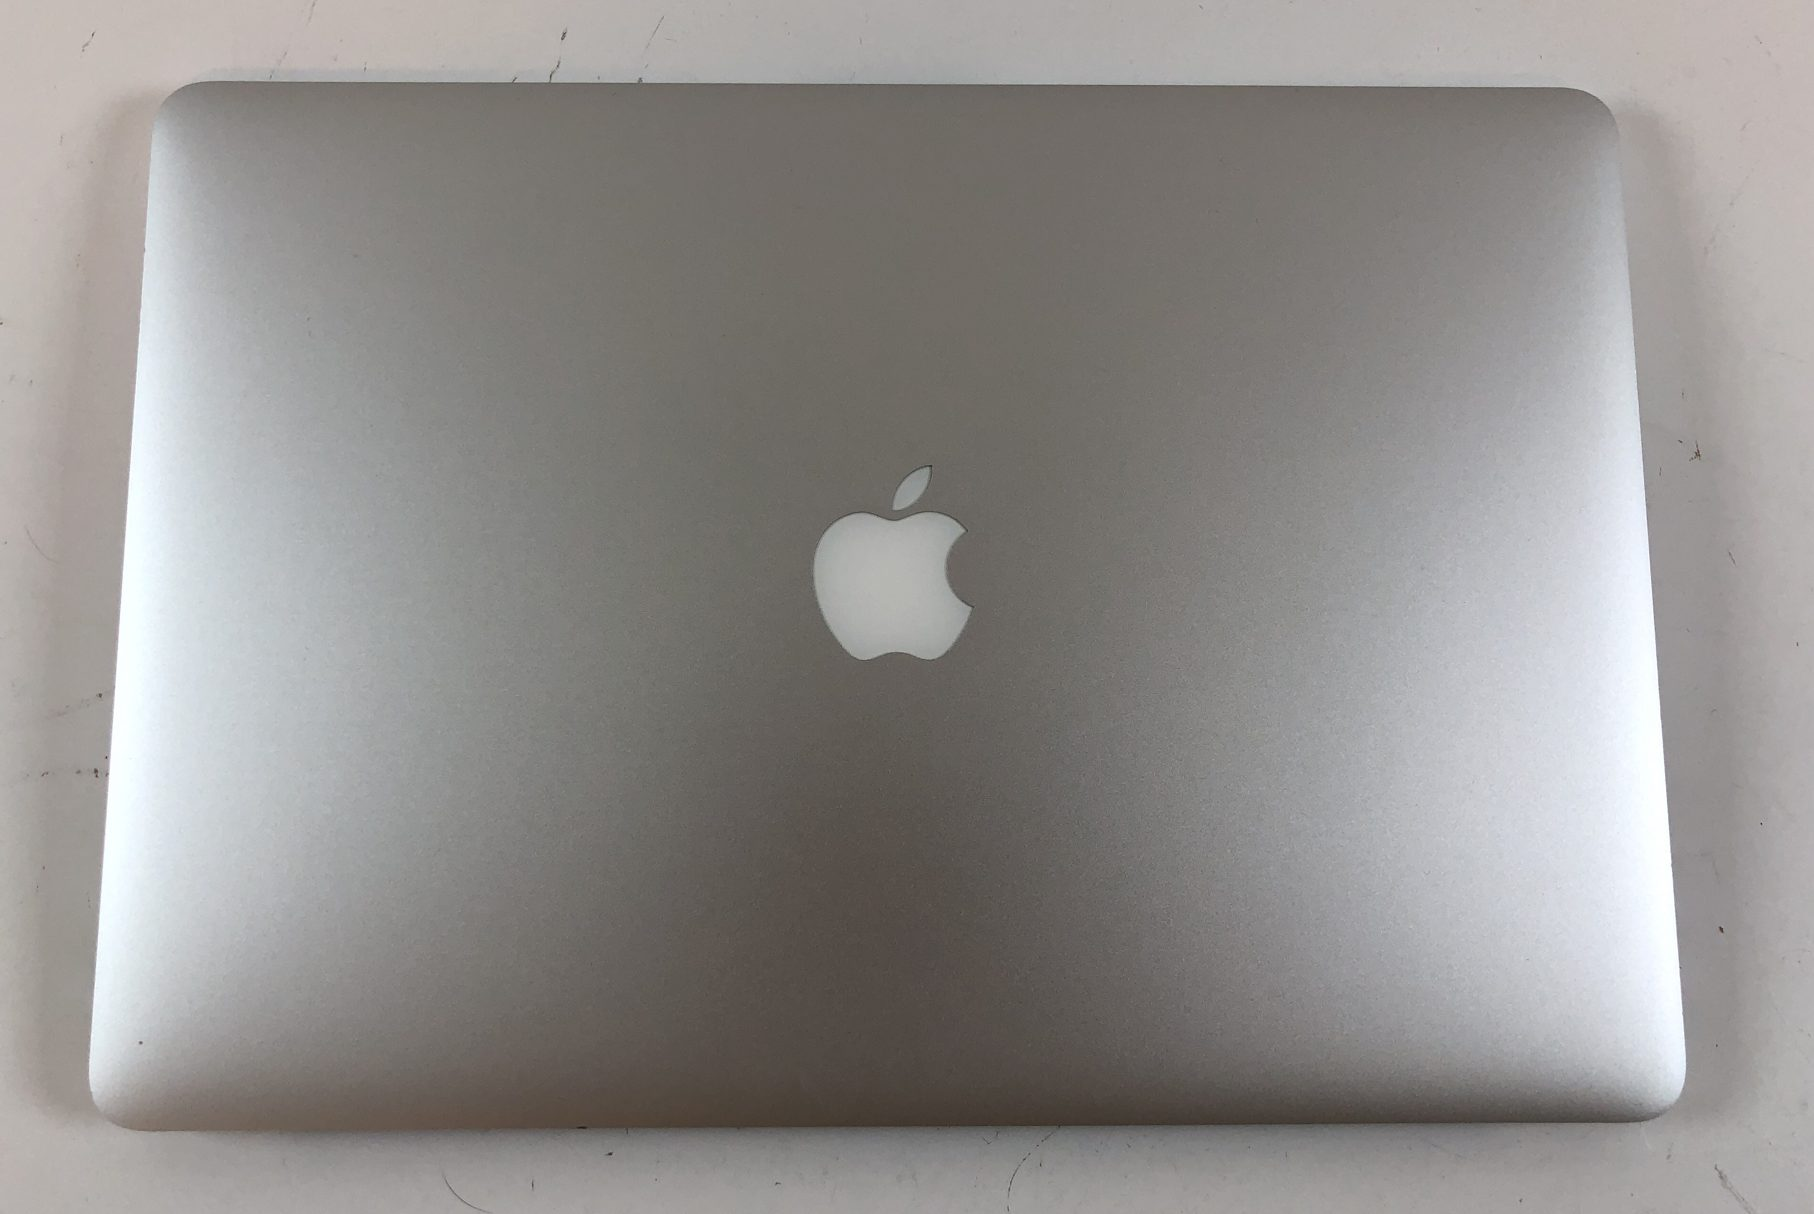 """MacBook Pro Retina 15"""" Mid 2015 (Intel Quad-Core i7 2.5 GHz 16 GB RAM 512 GB SSD), Intel Quad-Core i7 2.5 GHz, 16 GB RAM, 512 GB SSD, Afbeelding 2"""